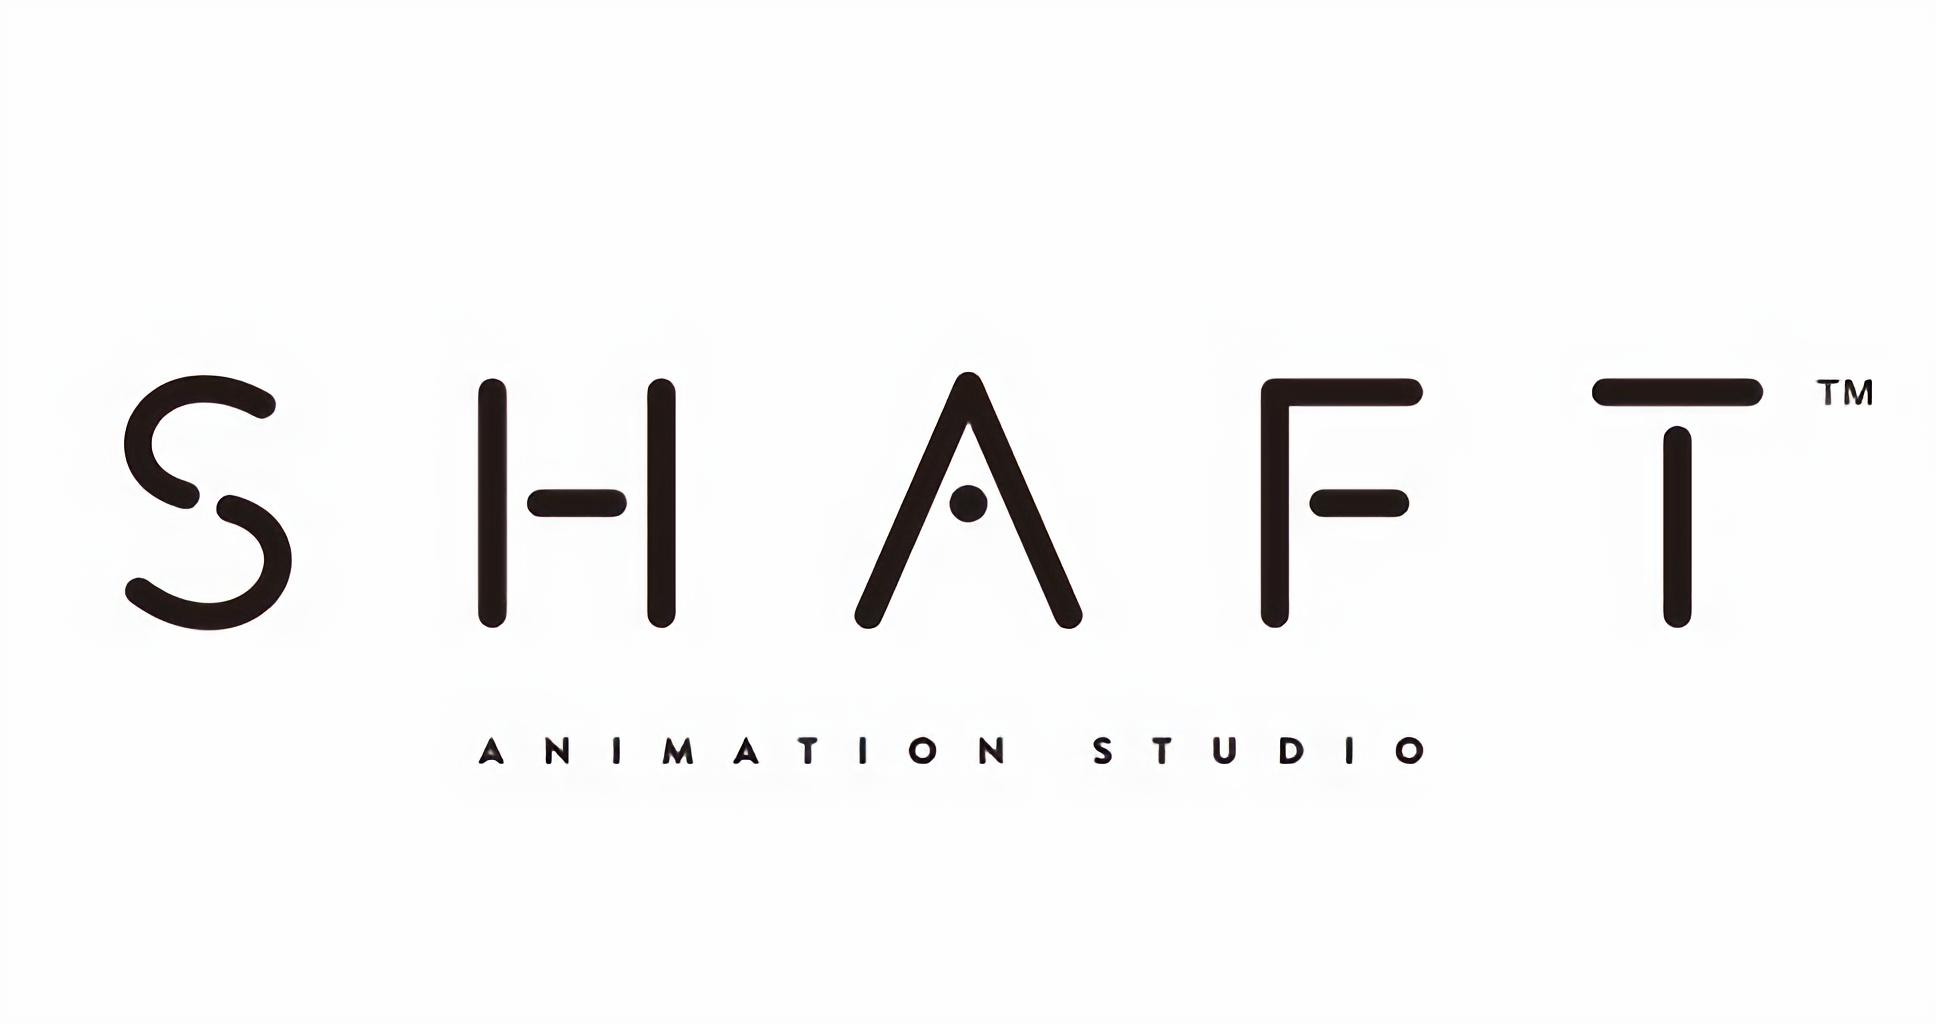 「シャフト アニメ 会社」の画像検索結果